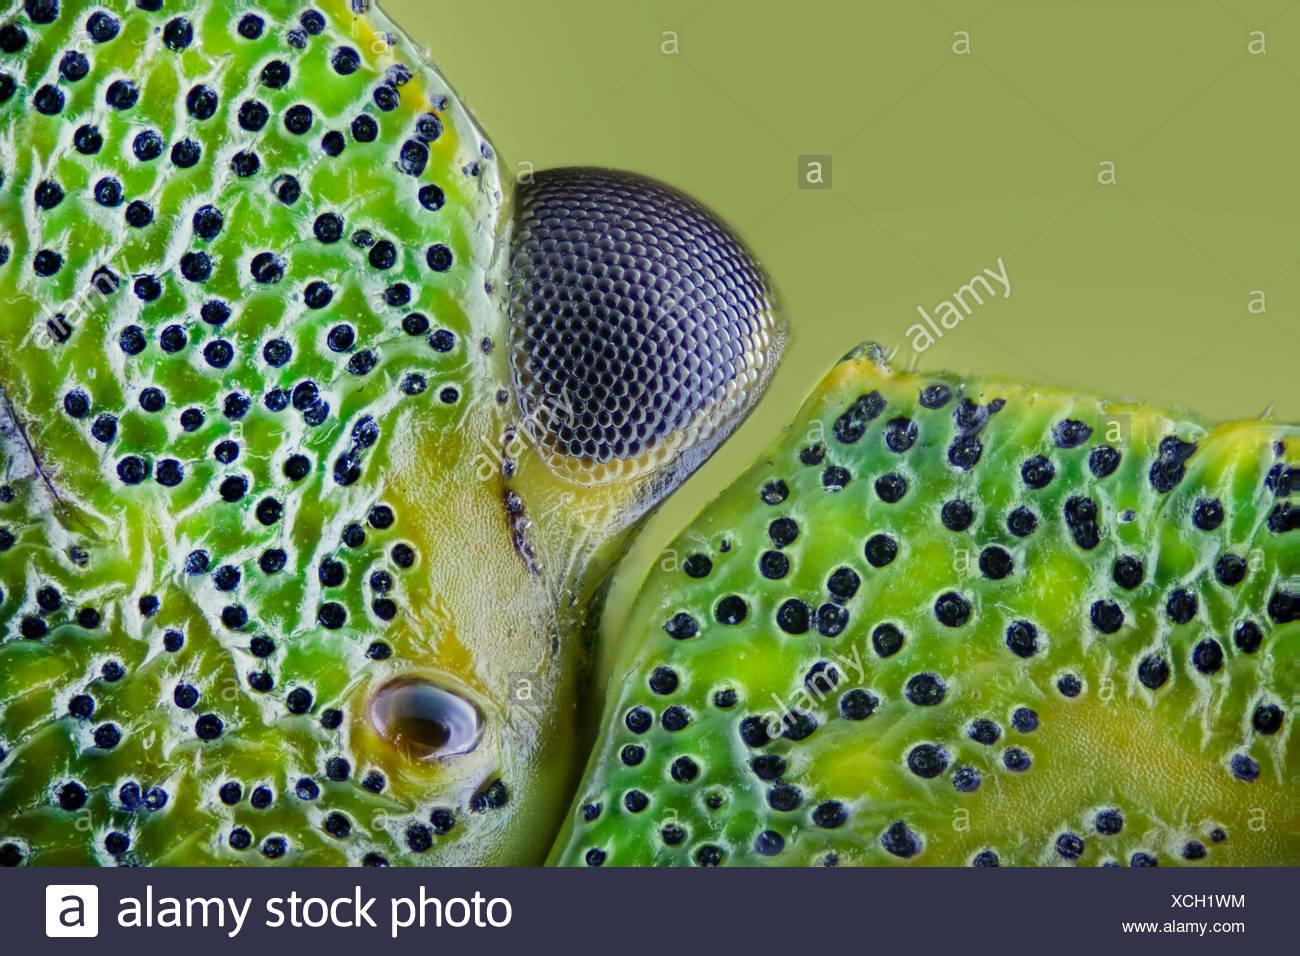 Wanzen (Heteroptera, Hemiptera), Auge einer gruenen Wanze | heteropterans, vero bugs (Heteroptera, Hemiptera), occhio di un verde bu Immagini Stock